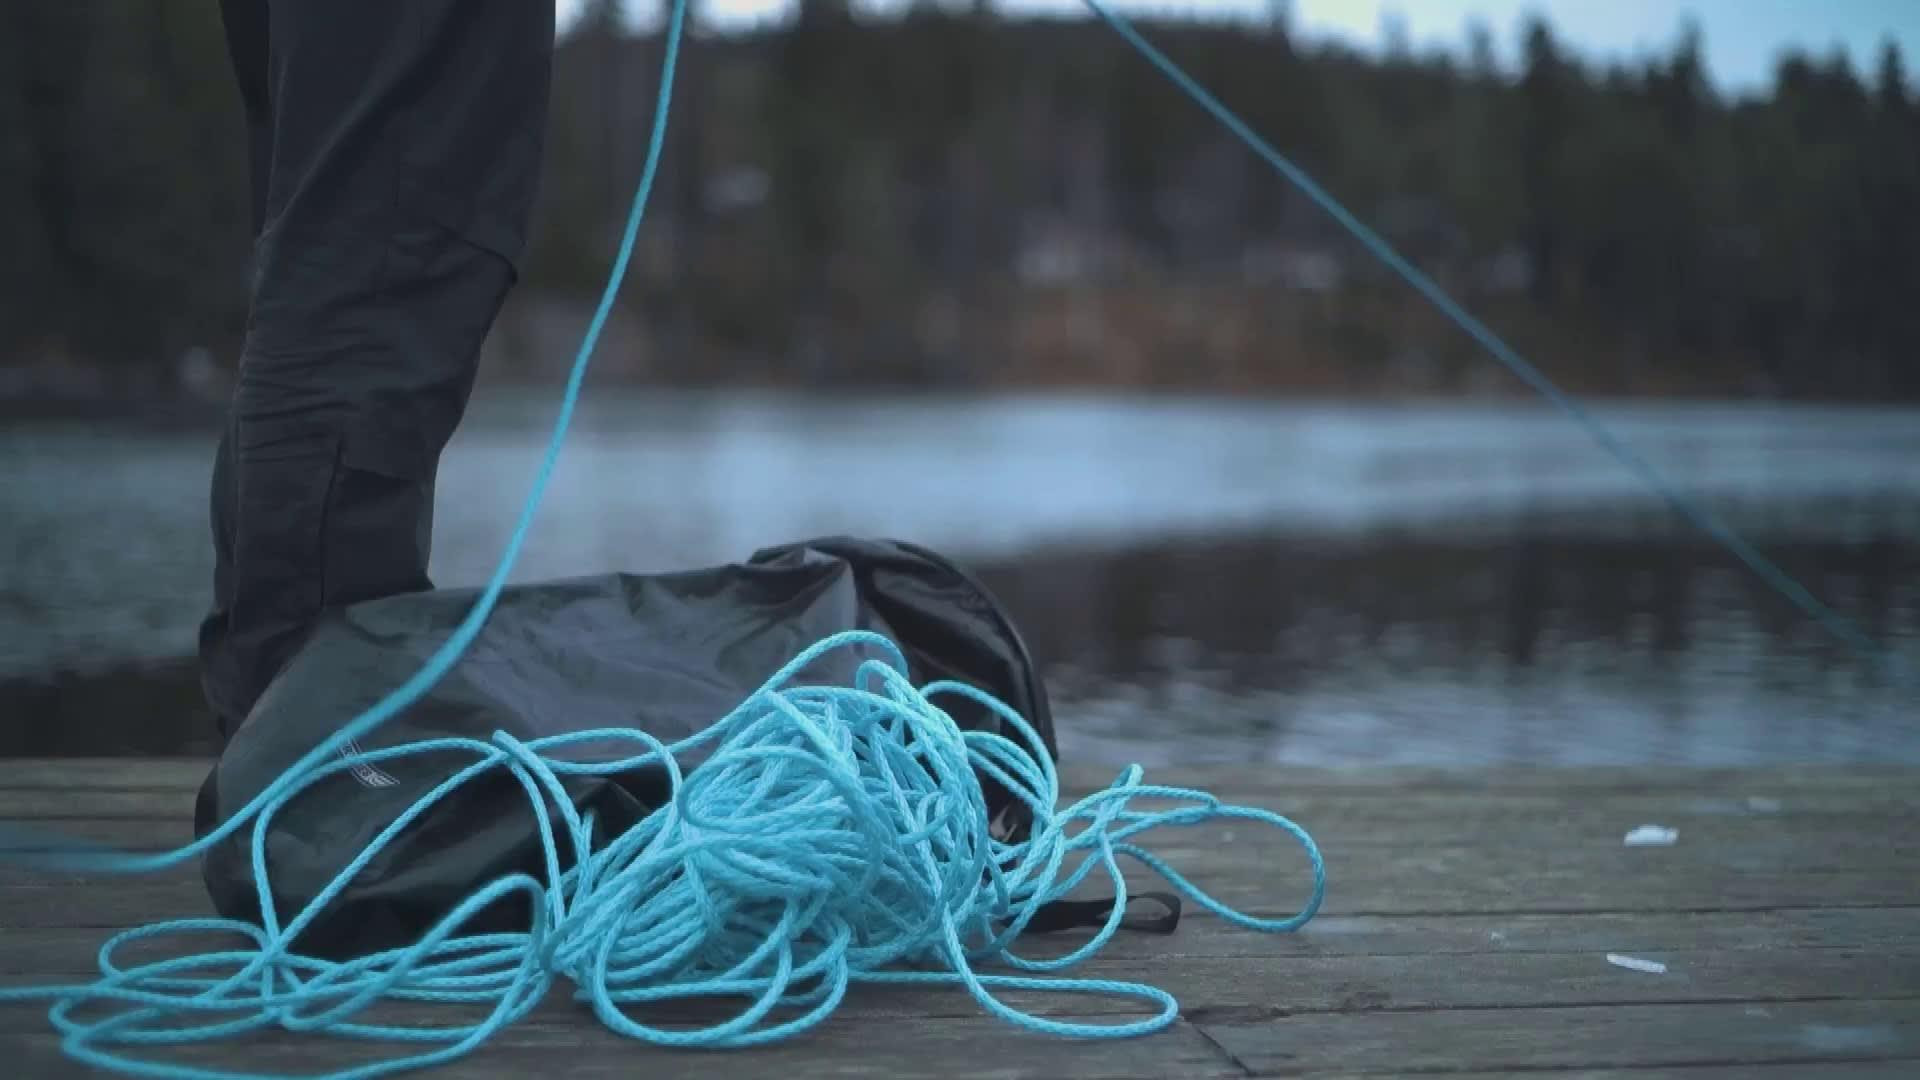 Kajaaninjoesta löytyy haastavia kohteita sukelluksen harrastajille